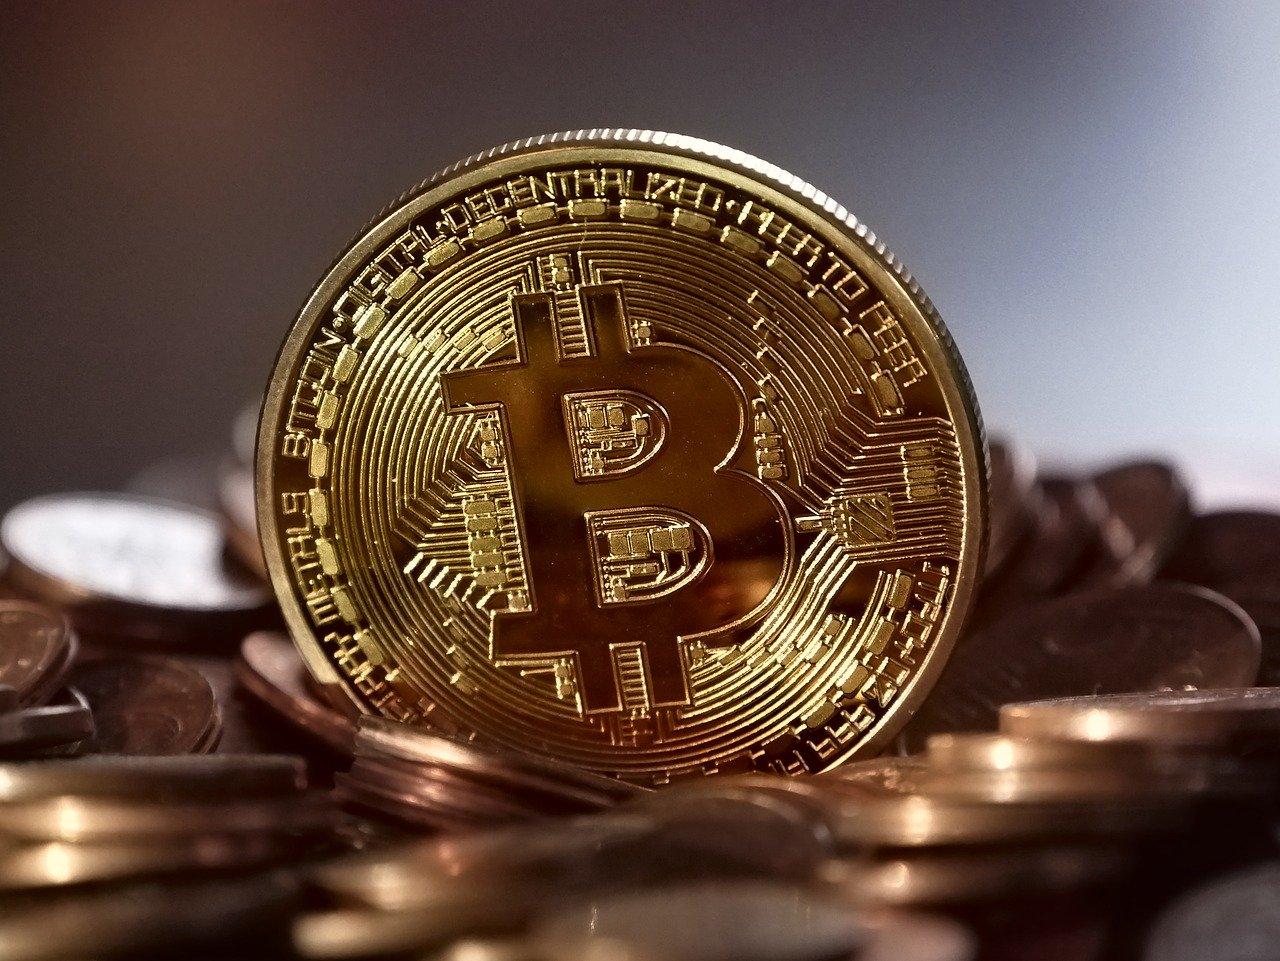 仮想通貨でおすすめの取引所と取引の注意点を初心者向けに解説!